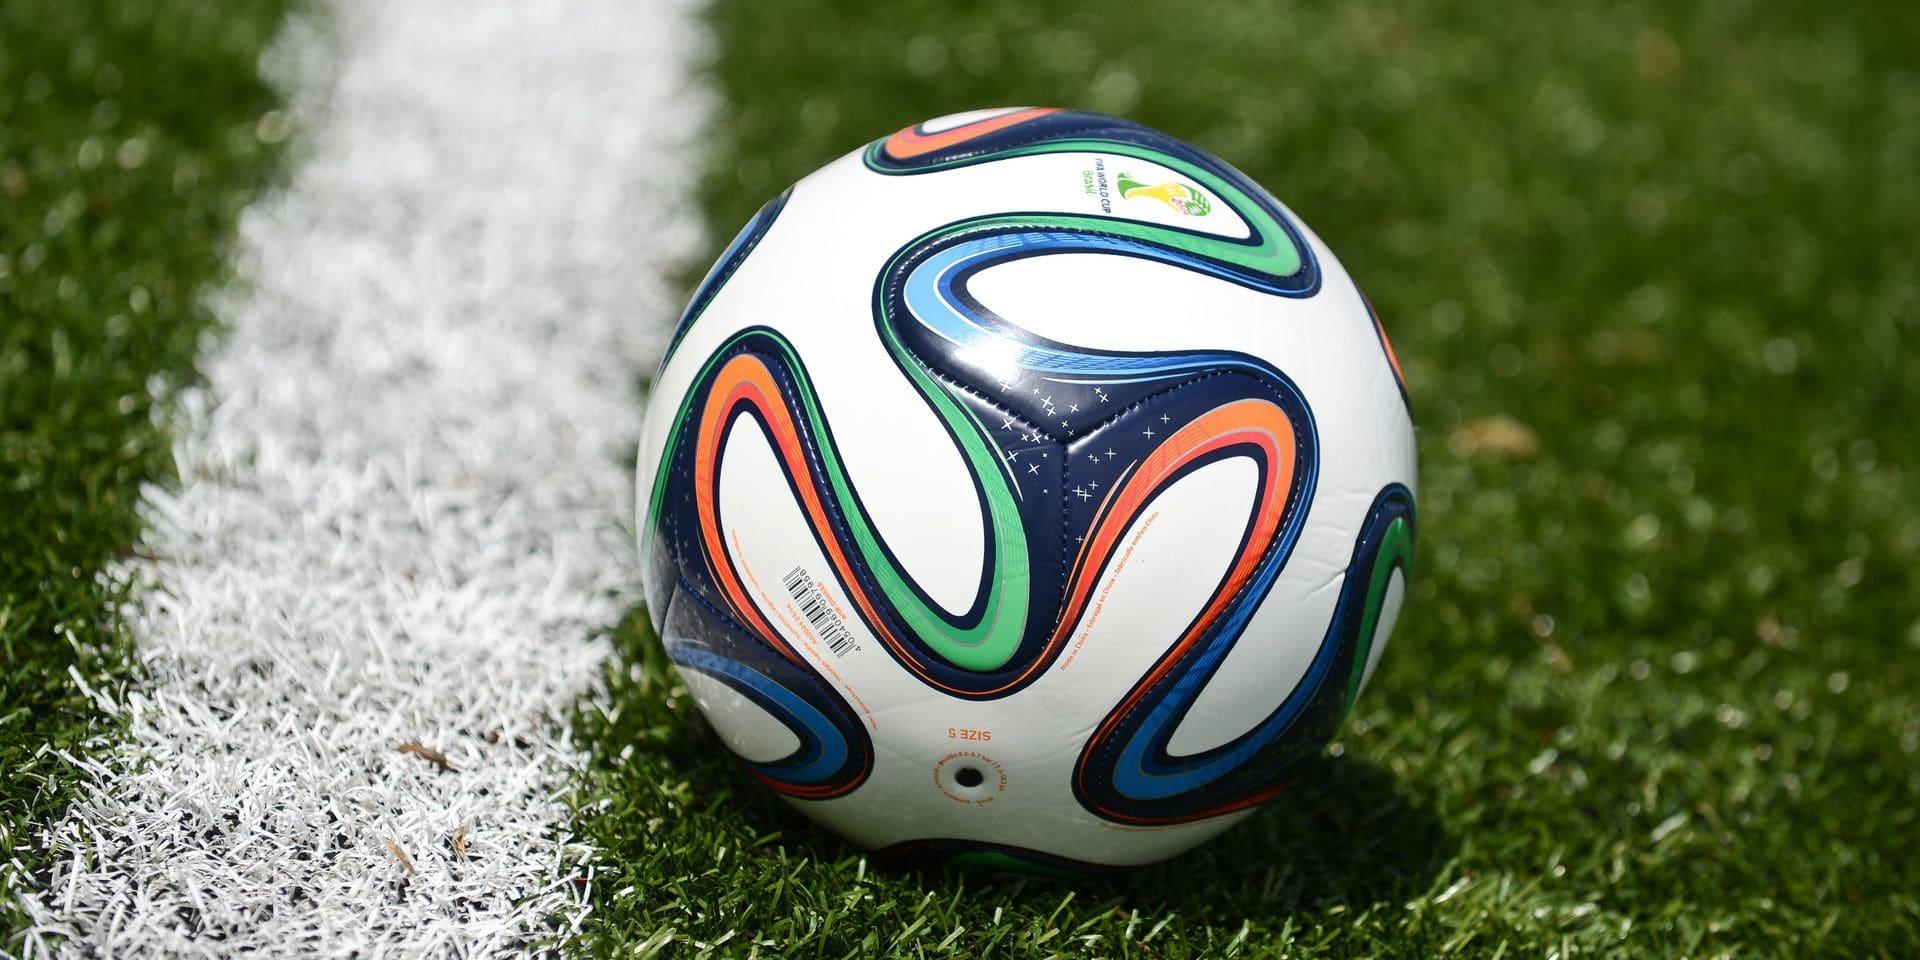 Football: remise générale dans la province de Luxembourg à cause de l'épidémie de coronavirus